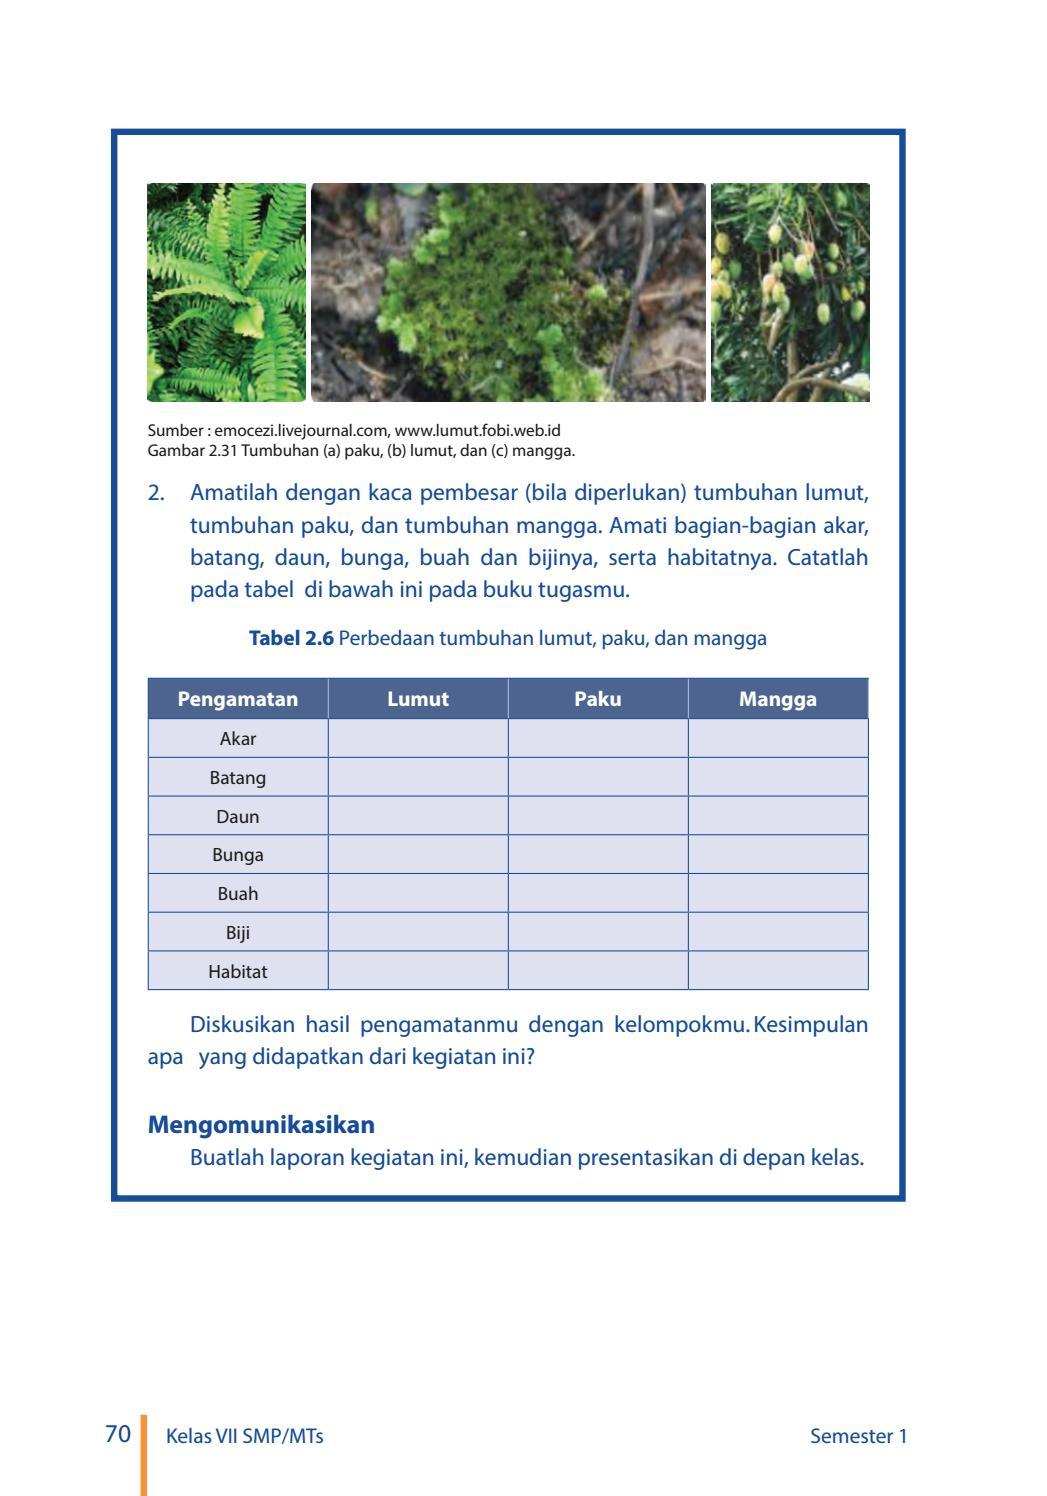 Tabel 2.6 Perbedaan Tumbuhan Lumut Paku Dan Mangga : tabel, perbedaan, tumbuhan, lumut, mangga, Kelas, Pengetahuan, Siswa, Issuu